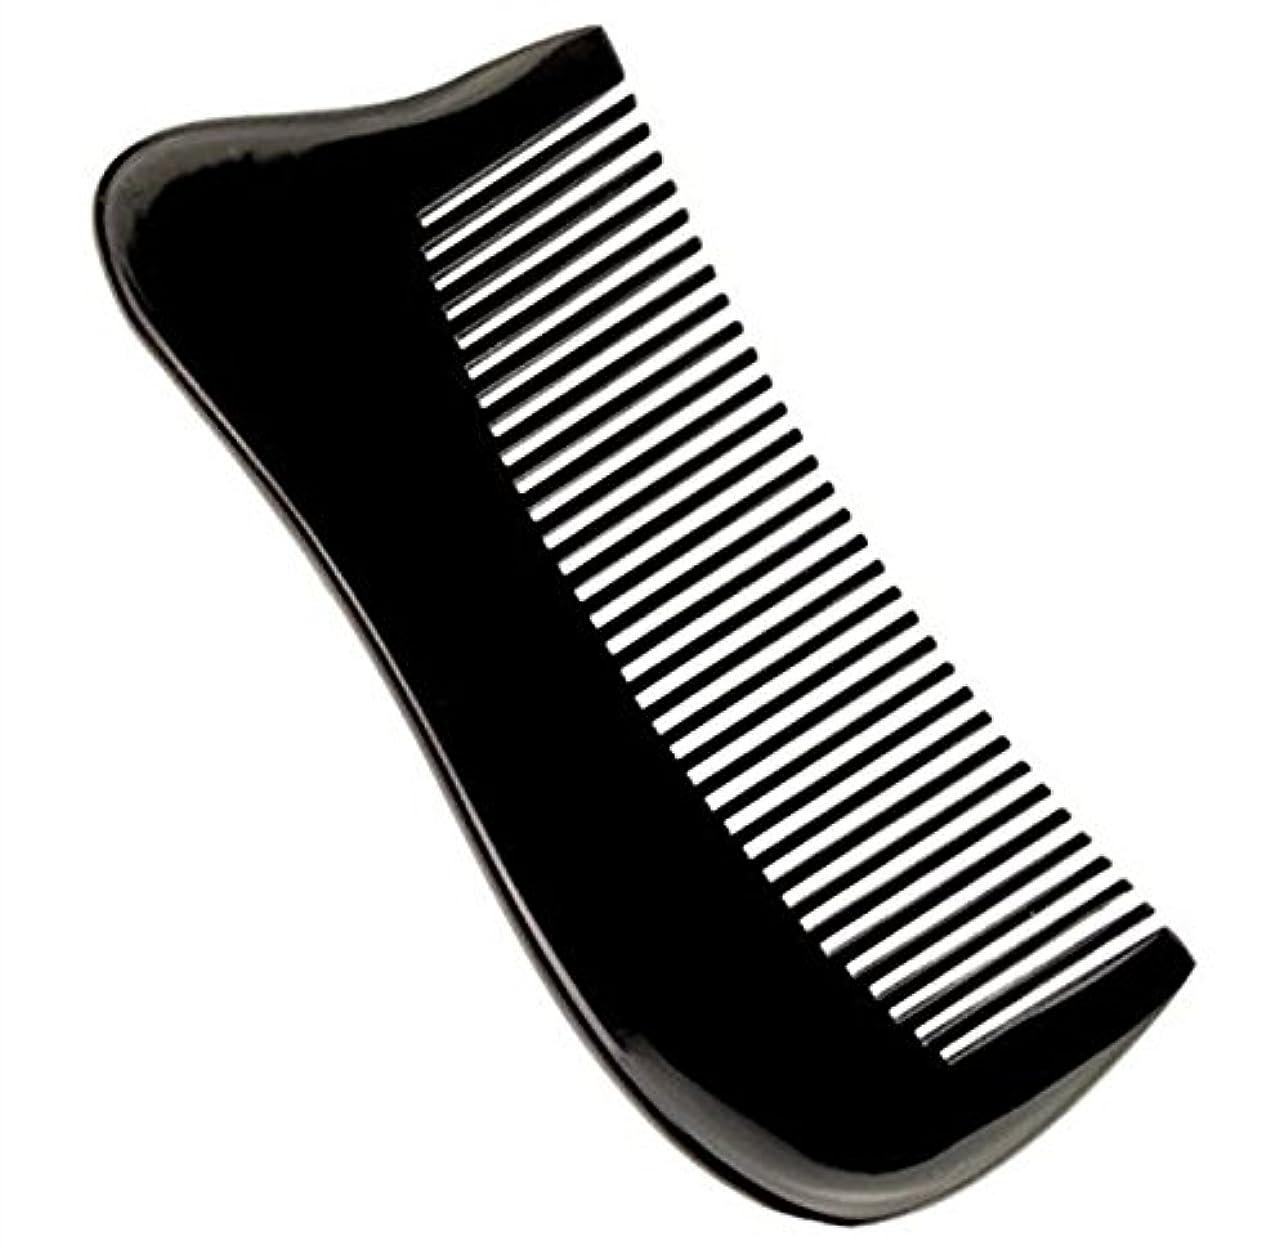 アクティビティ後継終了しました櫛型 プロも使う牛角かっさプレート マサージ用 血行改善 高級 天然 静電気防止 美髪 美顔 ボディ リンパマッサージ